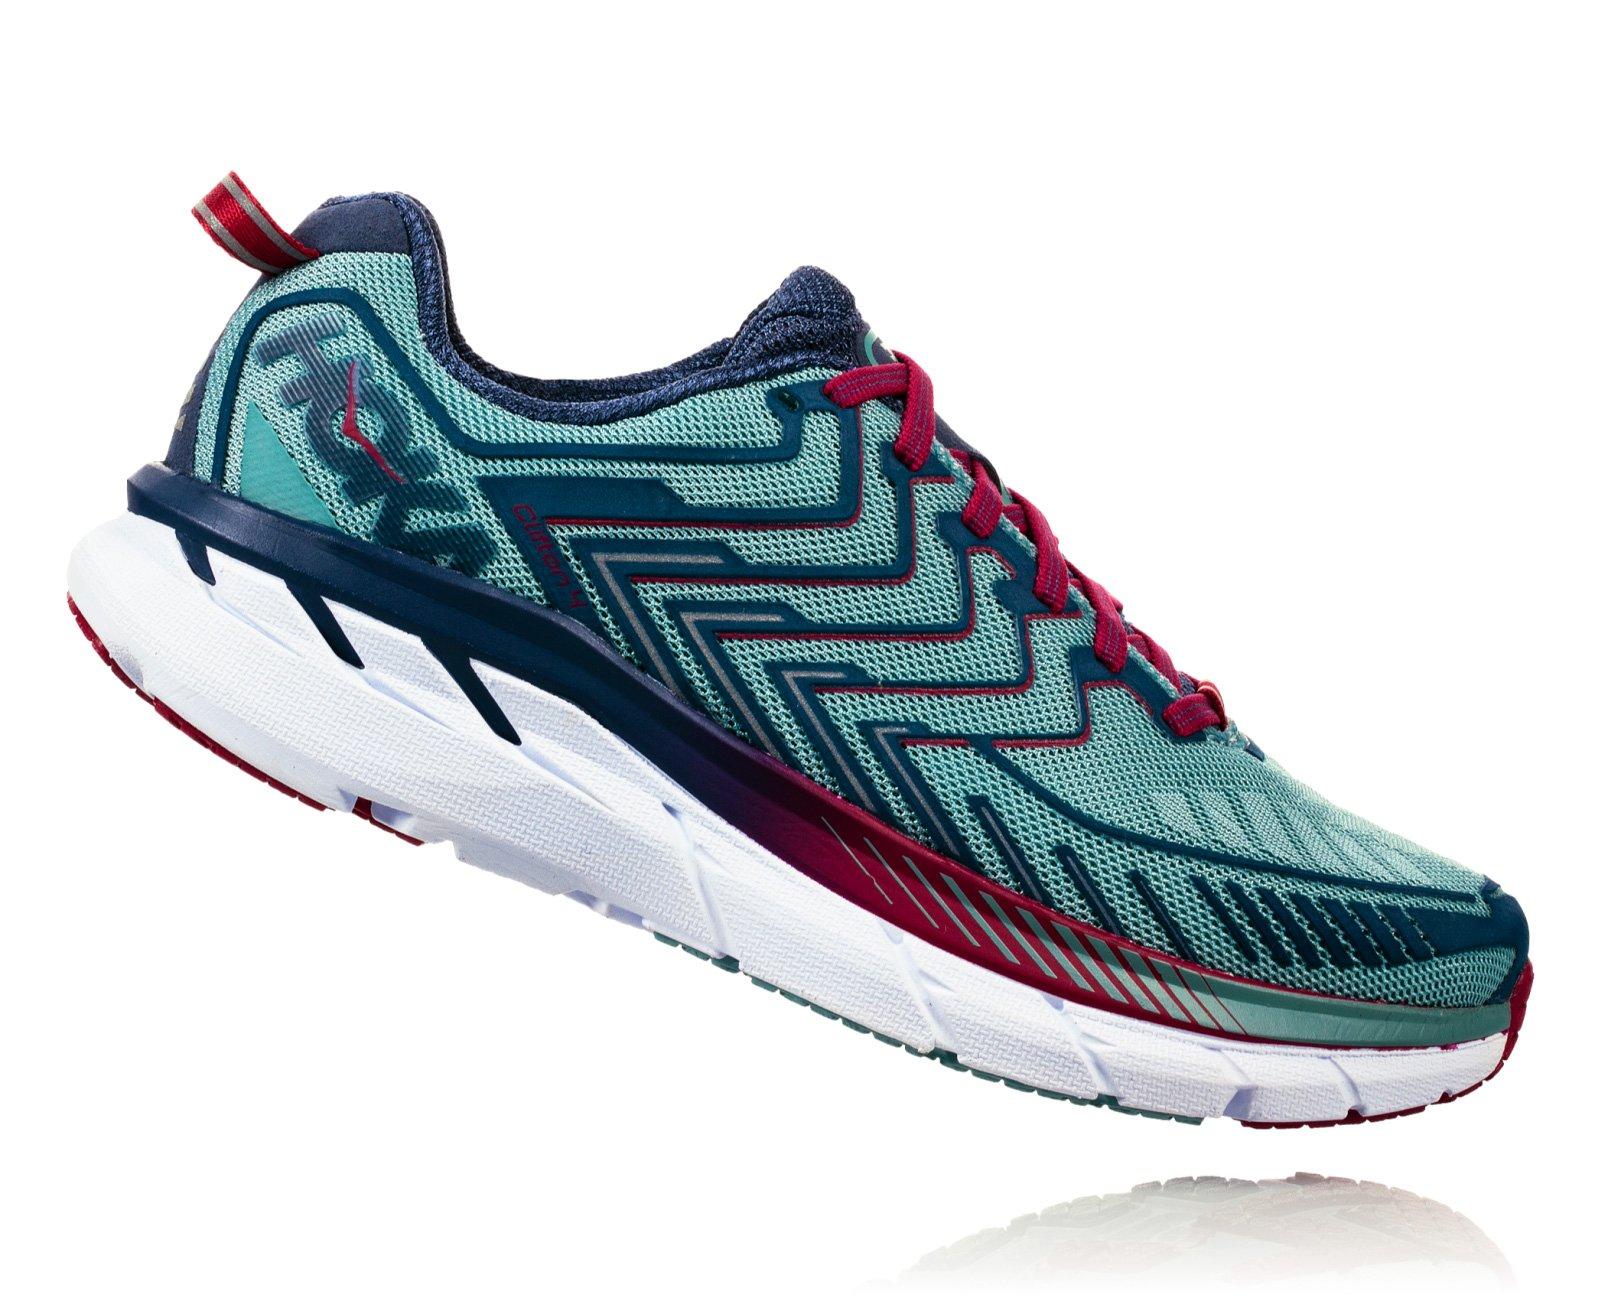 HOKA ONE ONE Women's Clifton 4 Running Shoe Aquifer/Vintage Indigo Size 7.5 M US